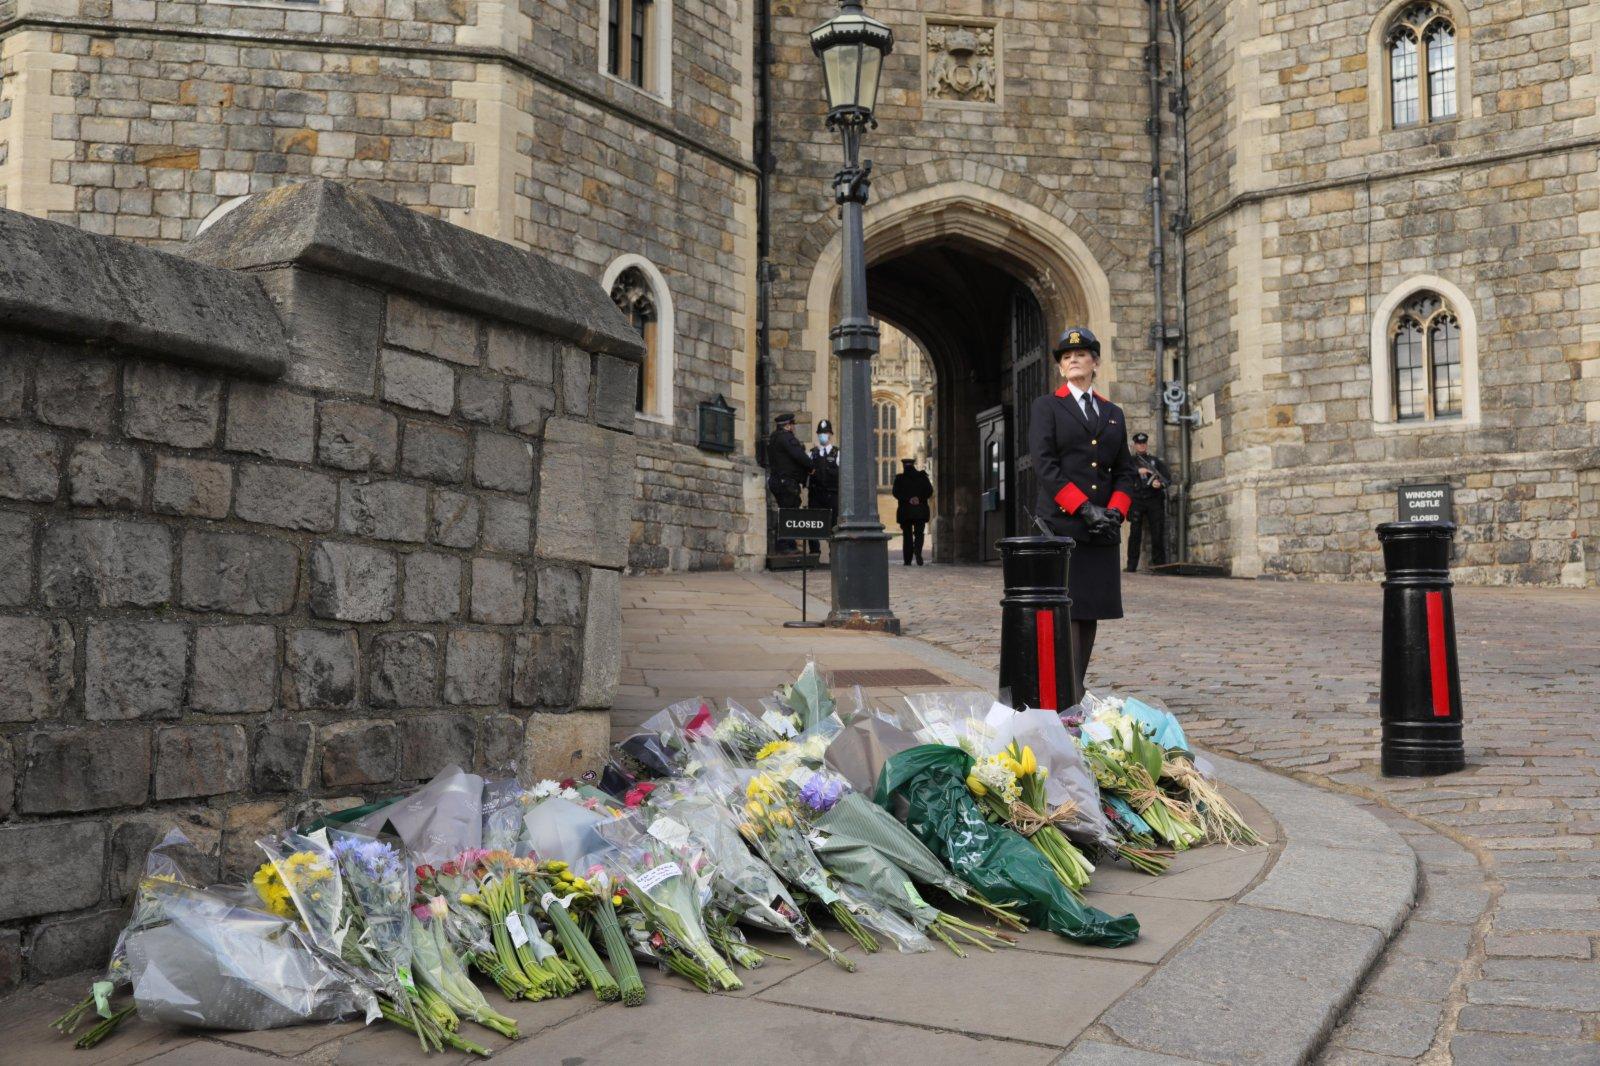 人們在英國溫莎城堡前擺放鮮花。新華社